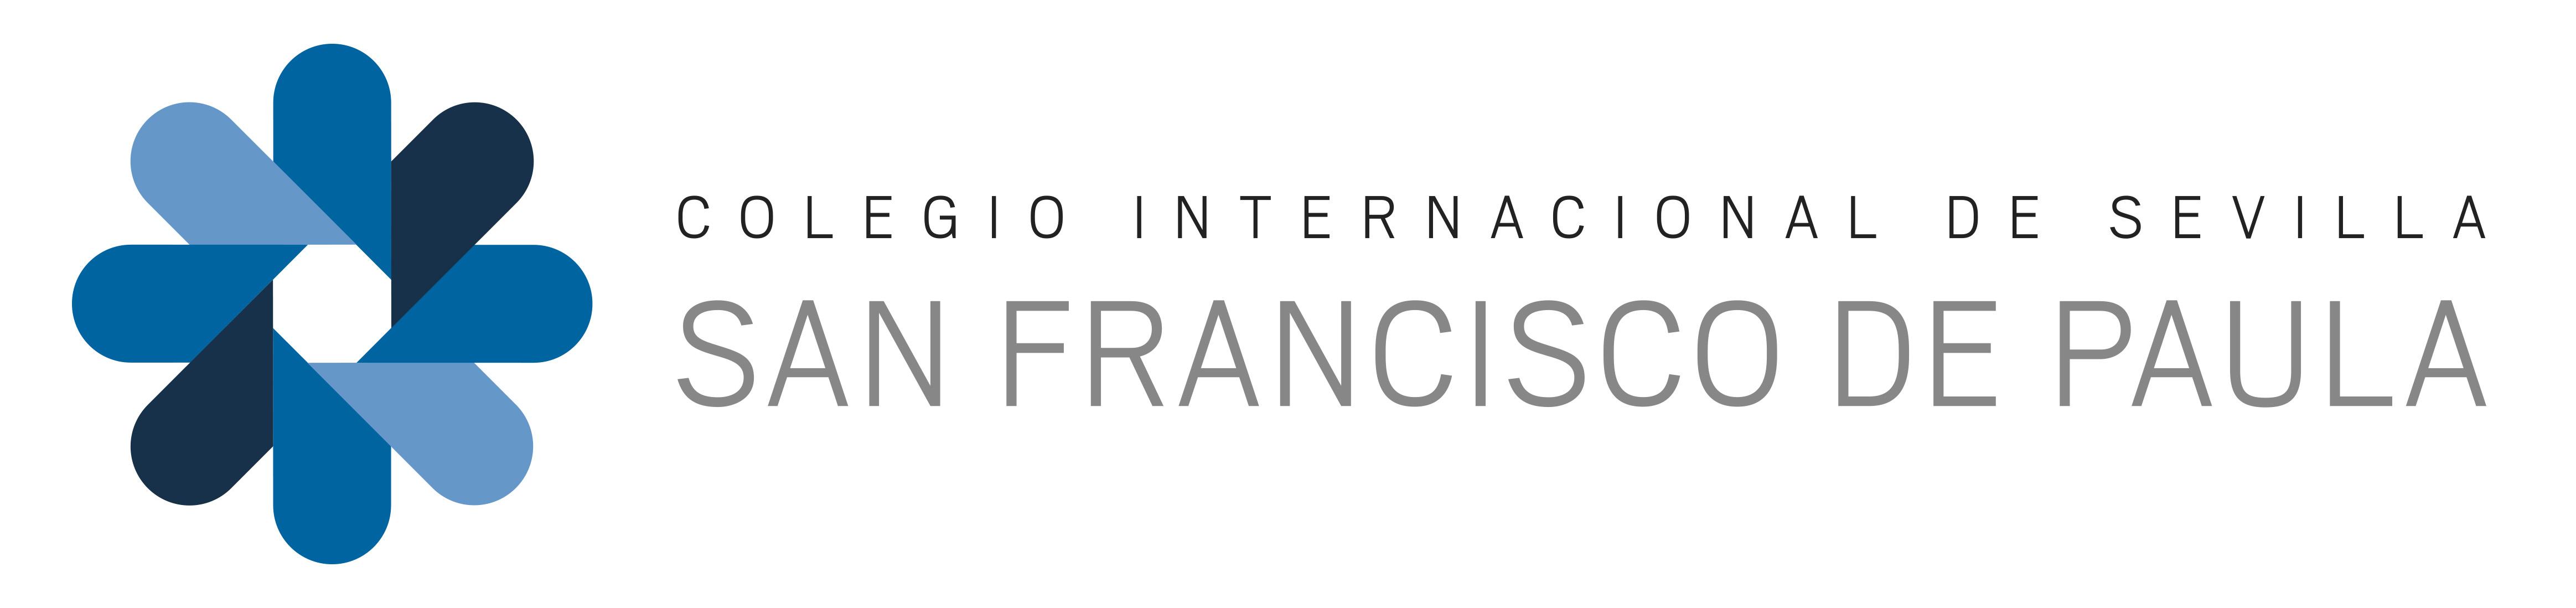 NOTA DE PRENSA: EL SEVILLANO RAFAEL GONZÁLEZ GRACIANI, PRIMER ANDALUZ EN SER ELEGIDO PRESIDENTE DEL COMITÉ NACIONAL ESPAÑOL DEL PARLAMENTO EUROPEO DE LOS JÓVENES